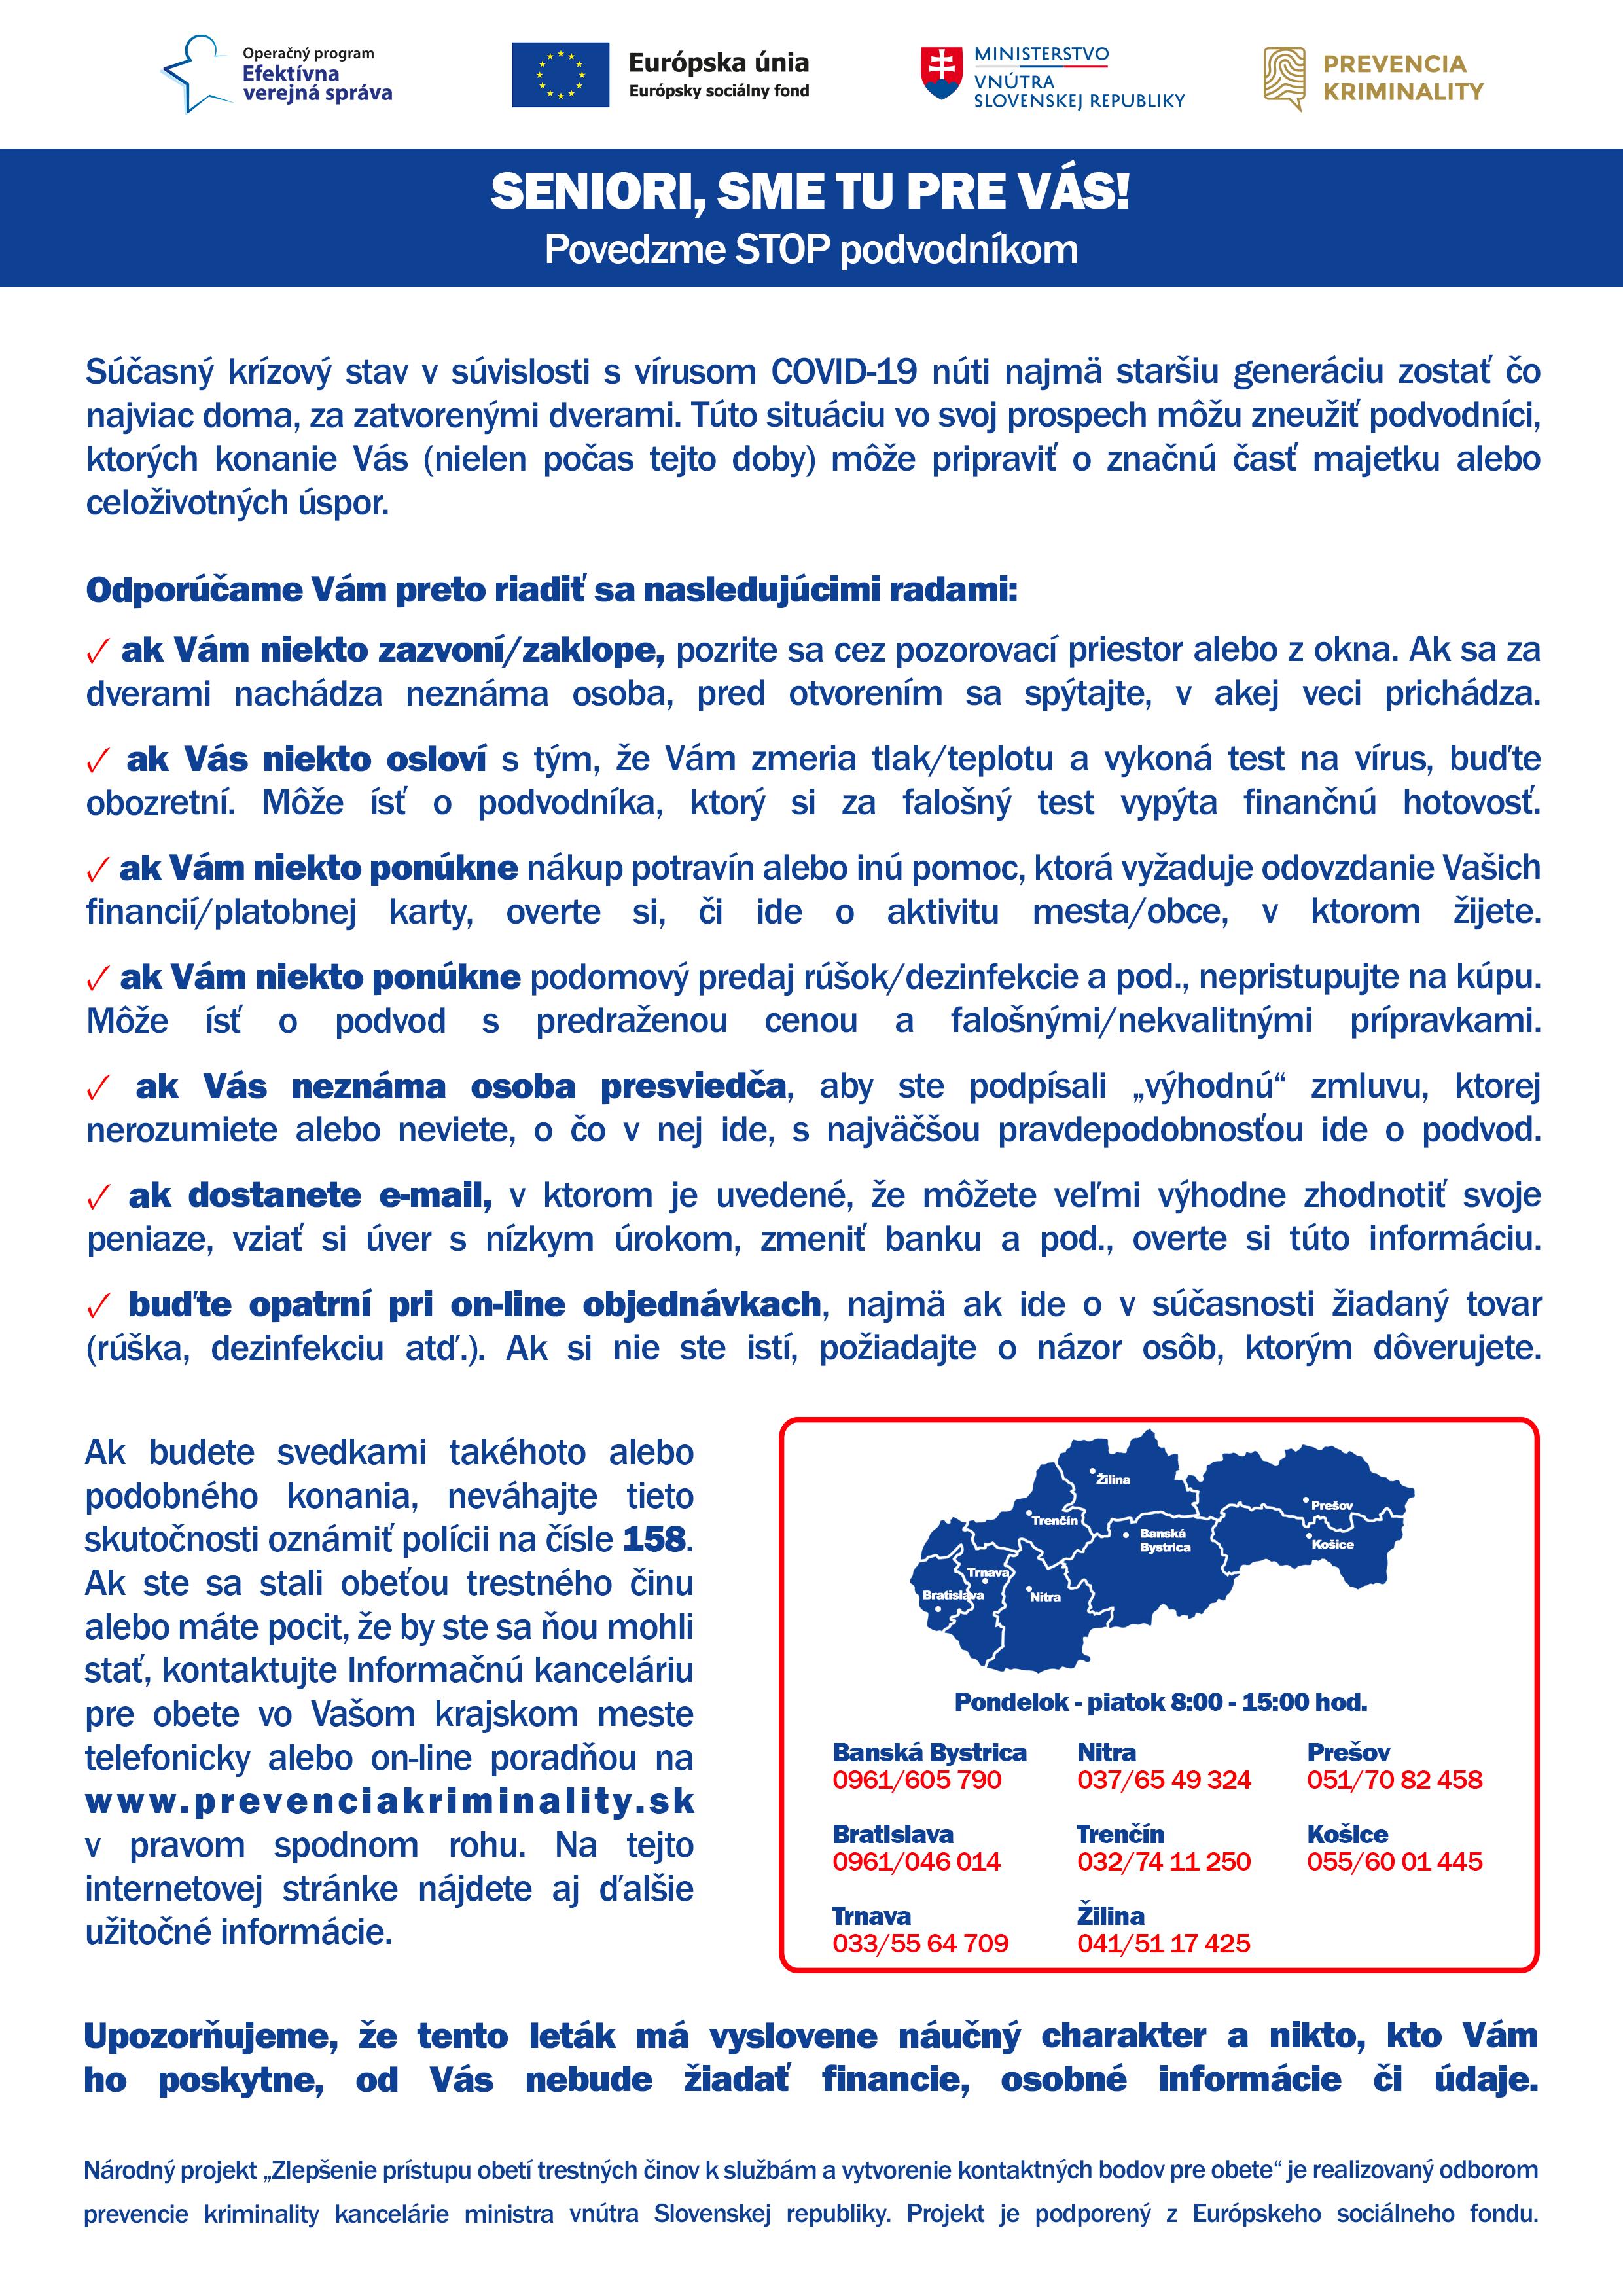 Odbor_prevencie_kriminality_-_Seniori.png